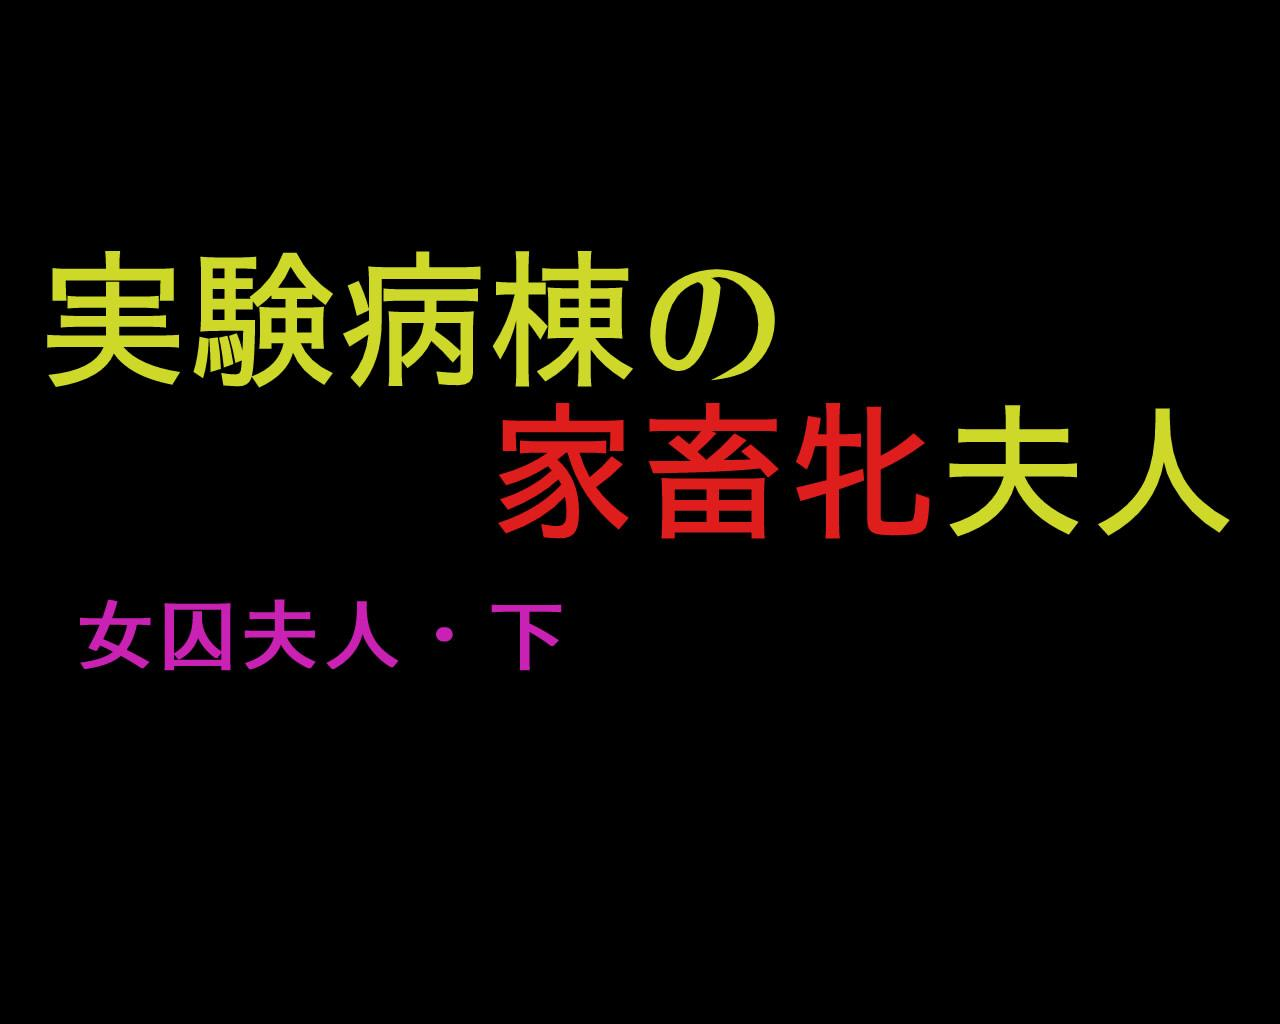 [Naya] Joshuu Fujin (Ge) Jikken Byoutou no Kachiku Mesu Fujin 0